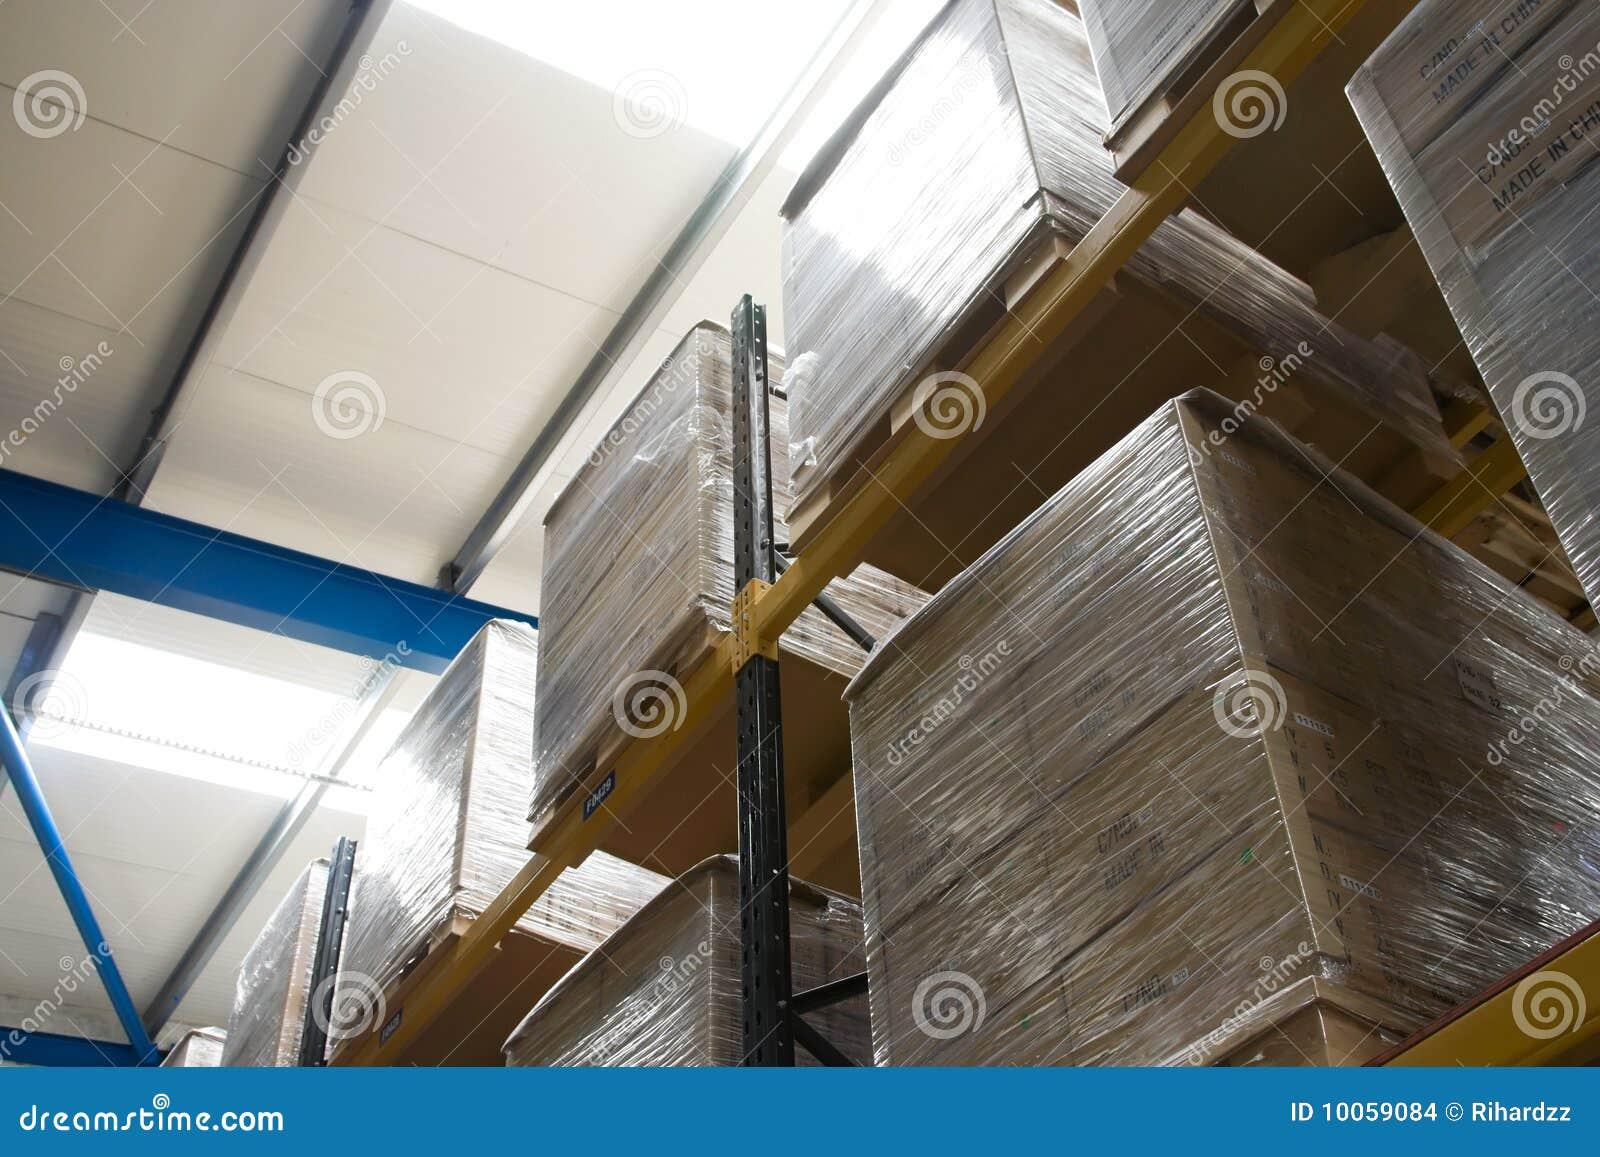 Páletes com as caixas no armazém